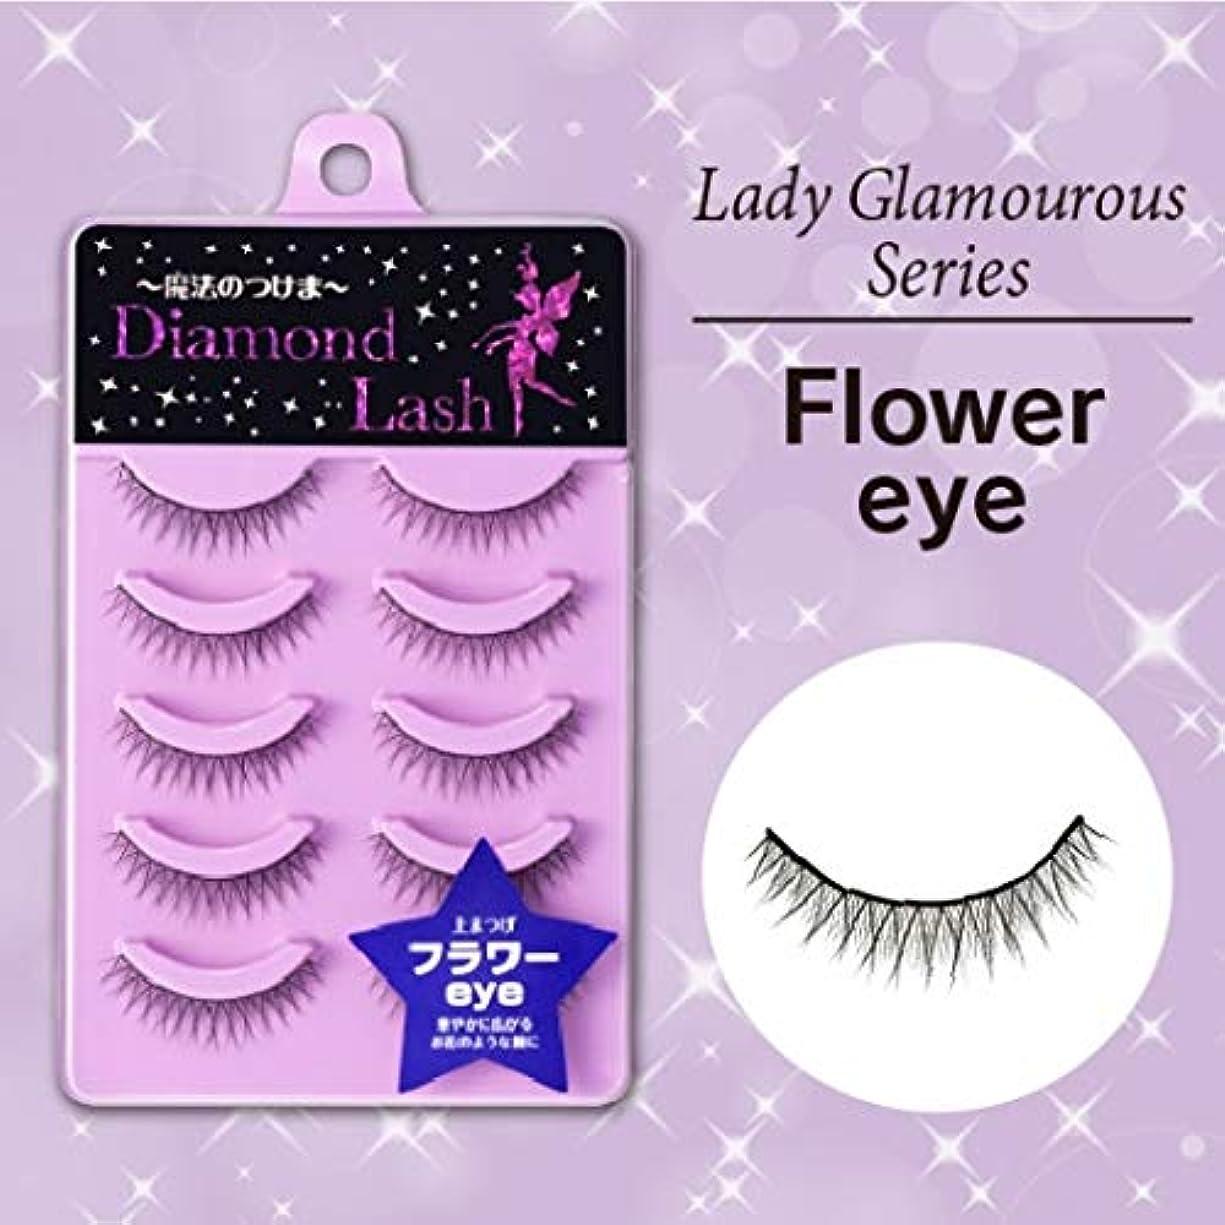 砂漠古代連邦Diamond Lash(ダイヤモンドラッシュ) レディグラマスシリーズ フラワーeye